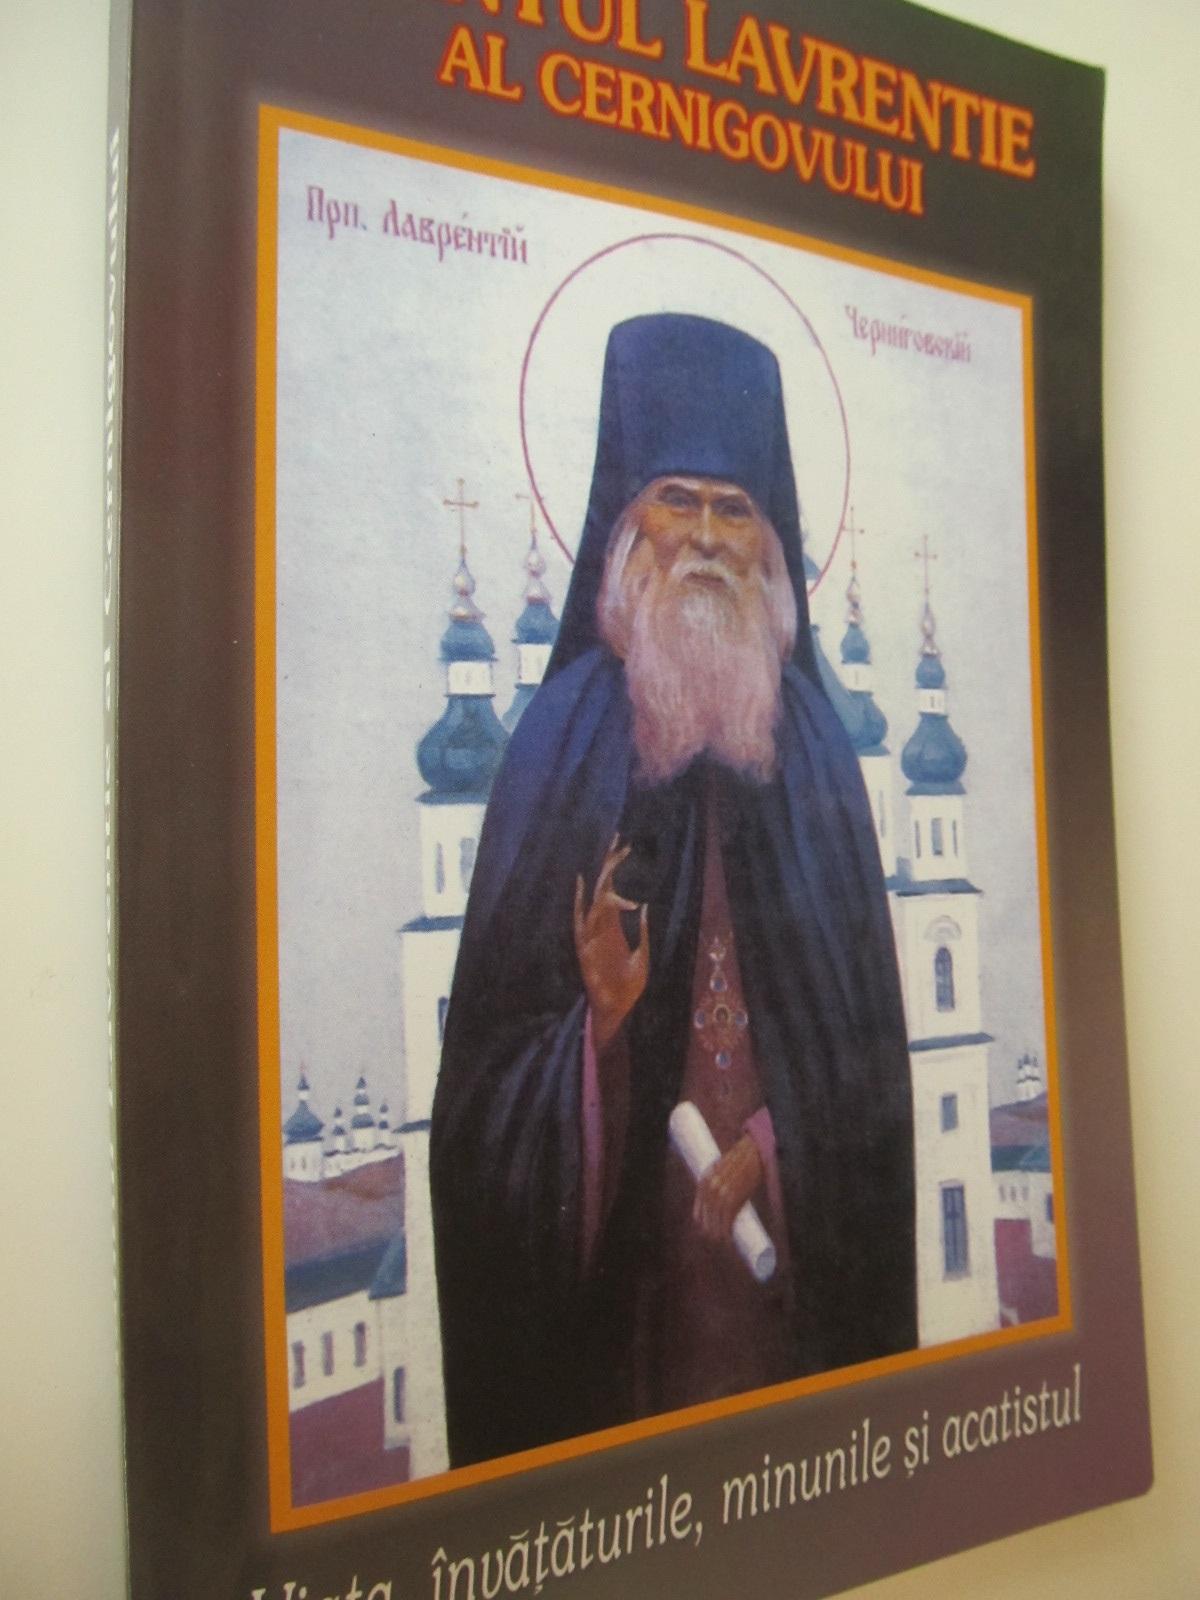 Viata, invataturile, minunile si acatistul - Sfantul Lavrentie al Cernigovului | Detalii carte